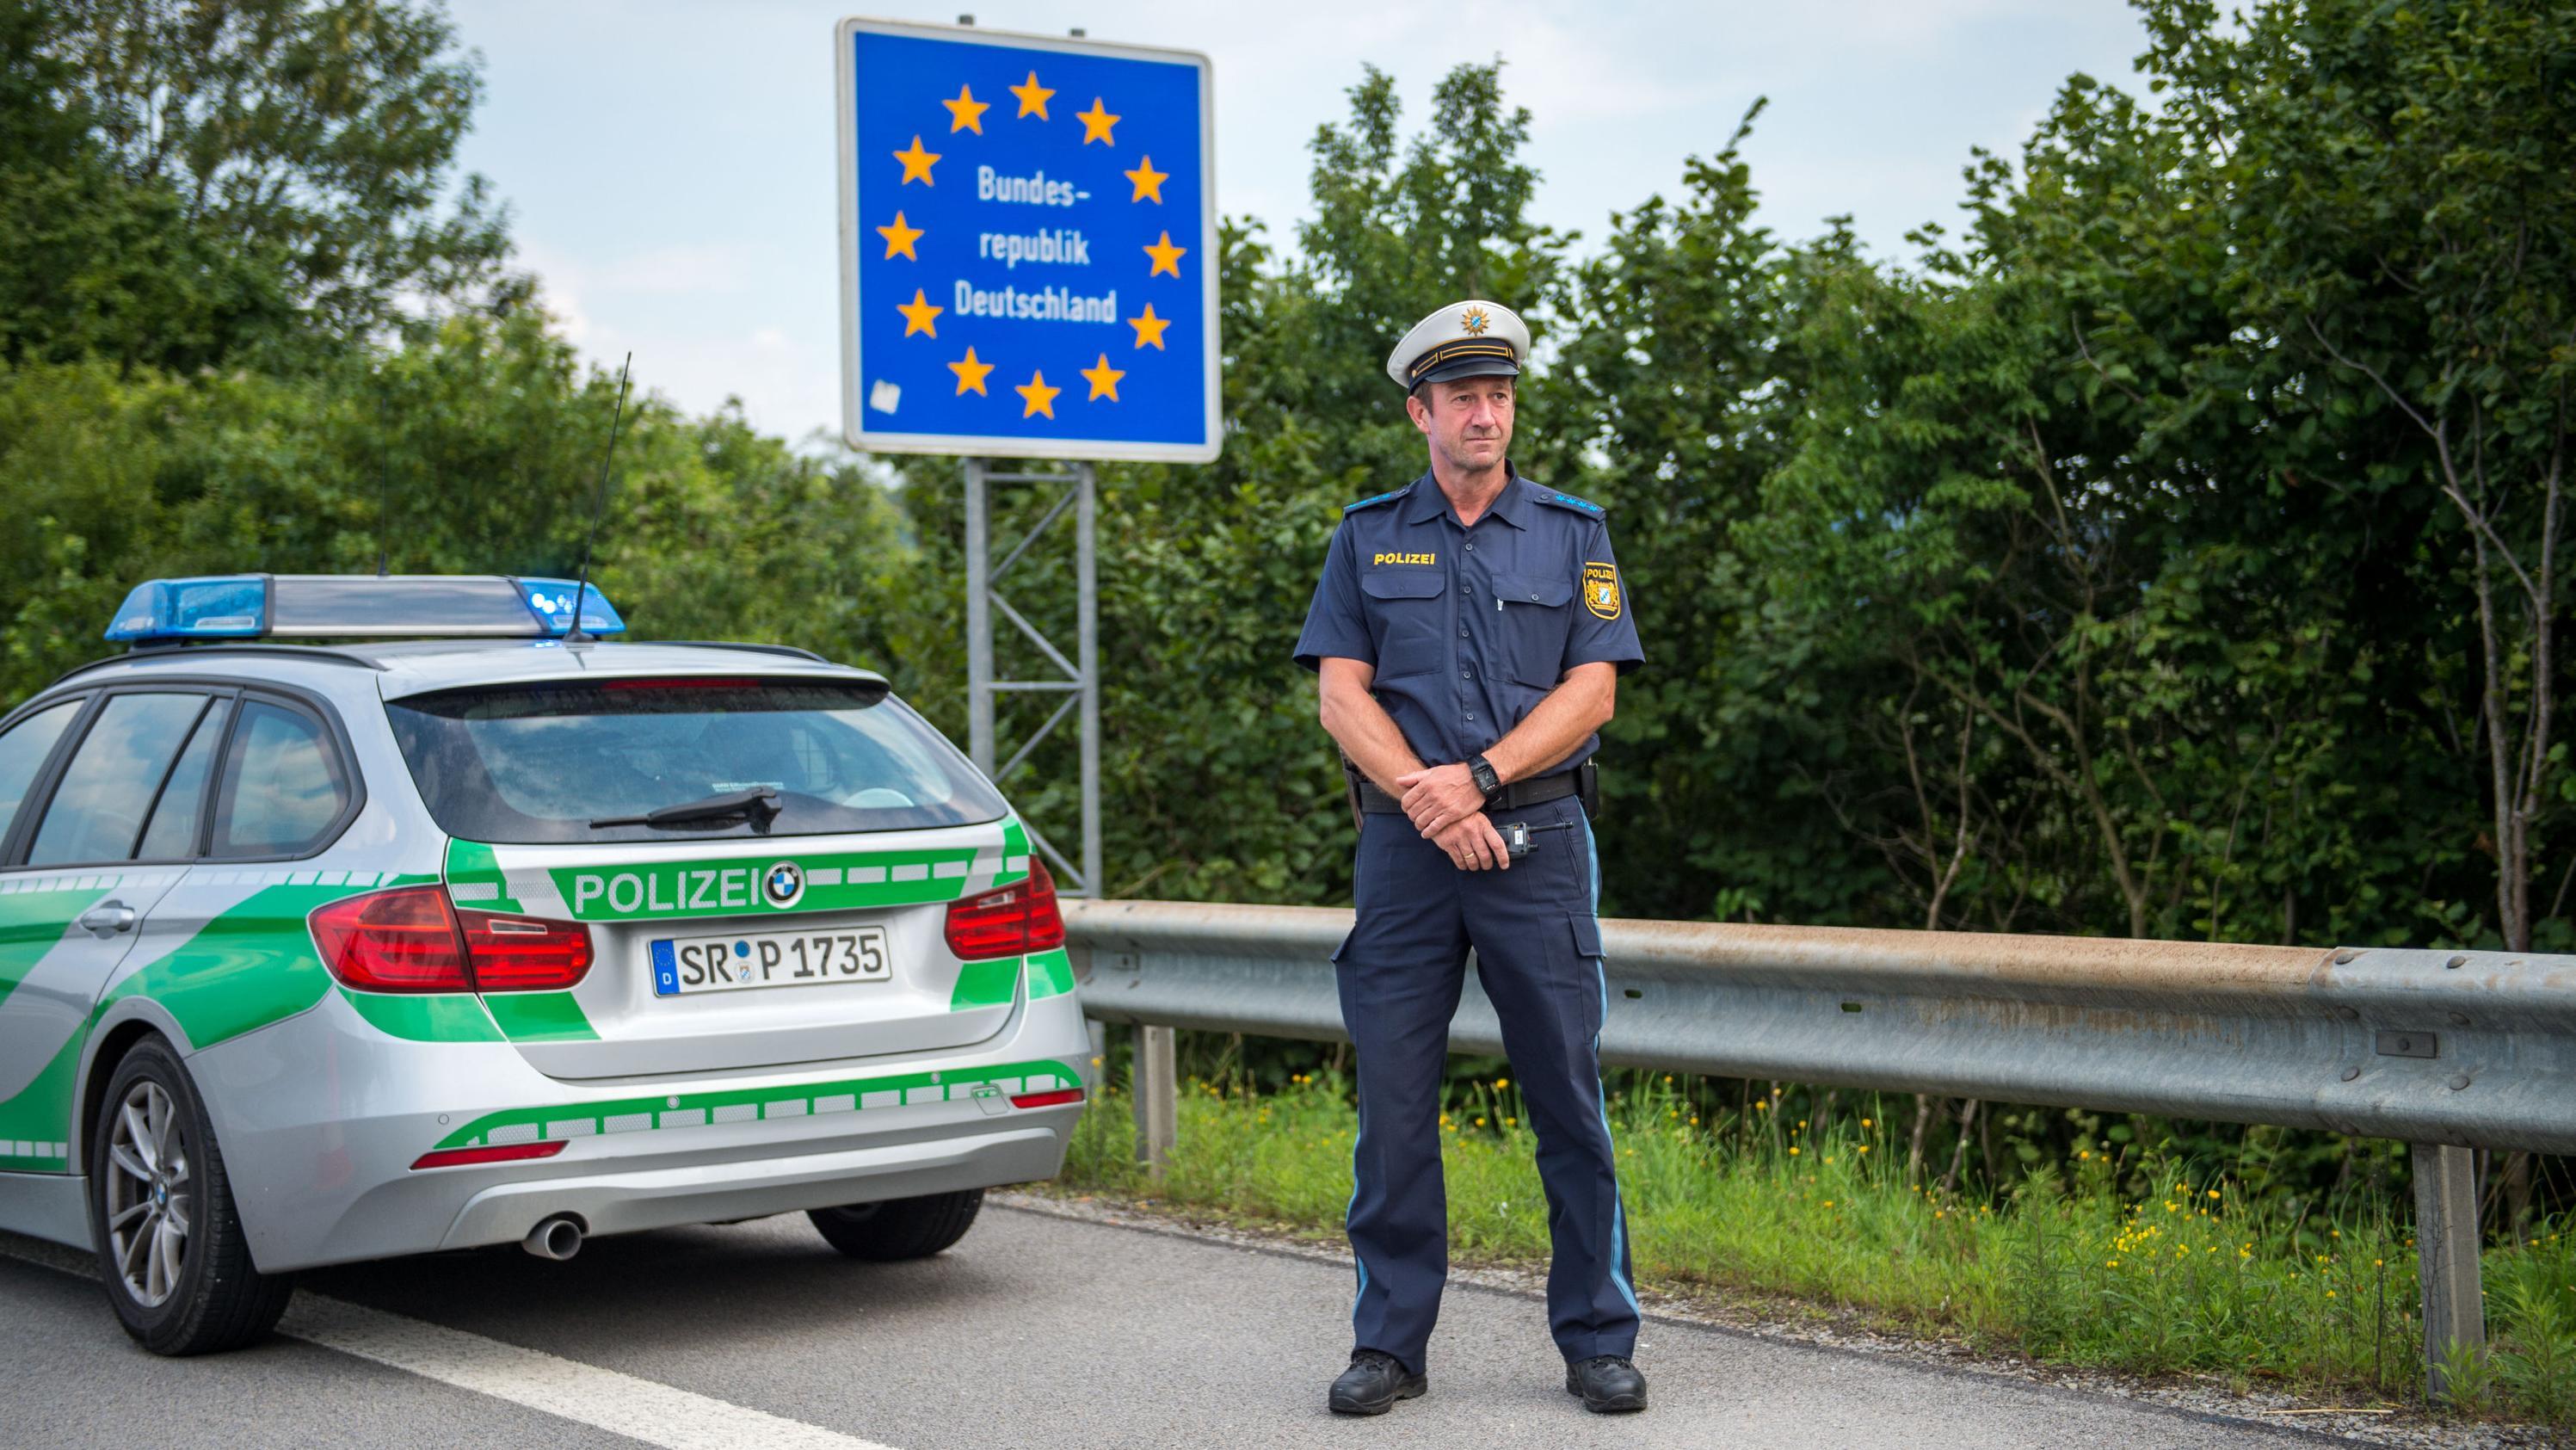 Ein Polizist steht am Straßenrand hinter seinem Auto und vor einem Grenzschild der Bundesrepublik